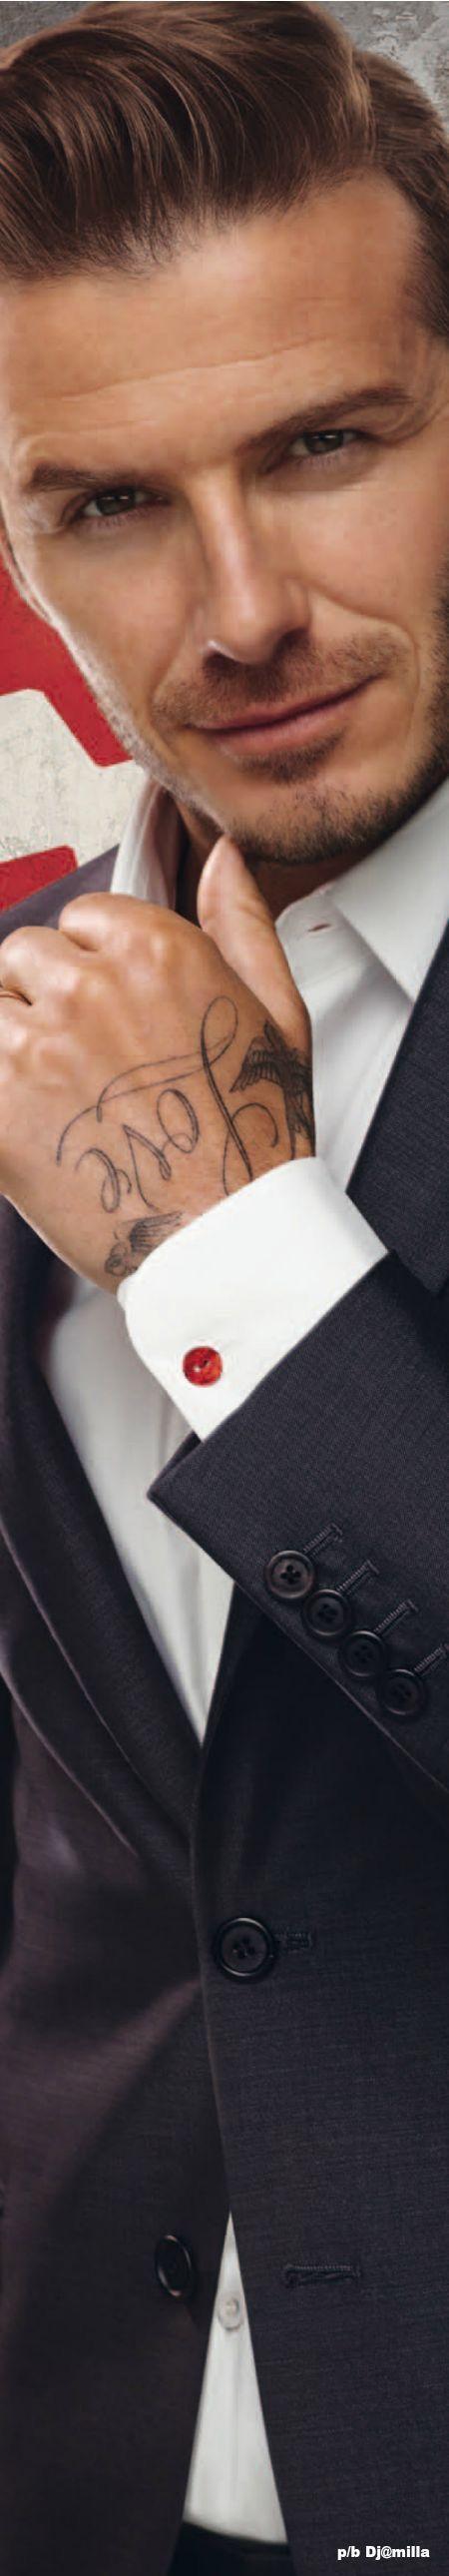 best tats images on pinterest sleeve tattoos tatoo and tattoo